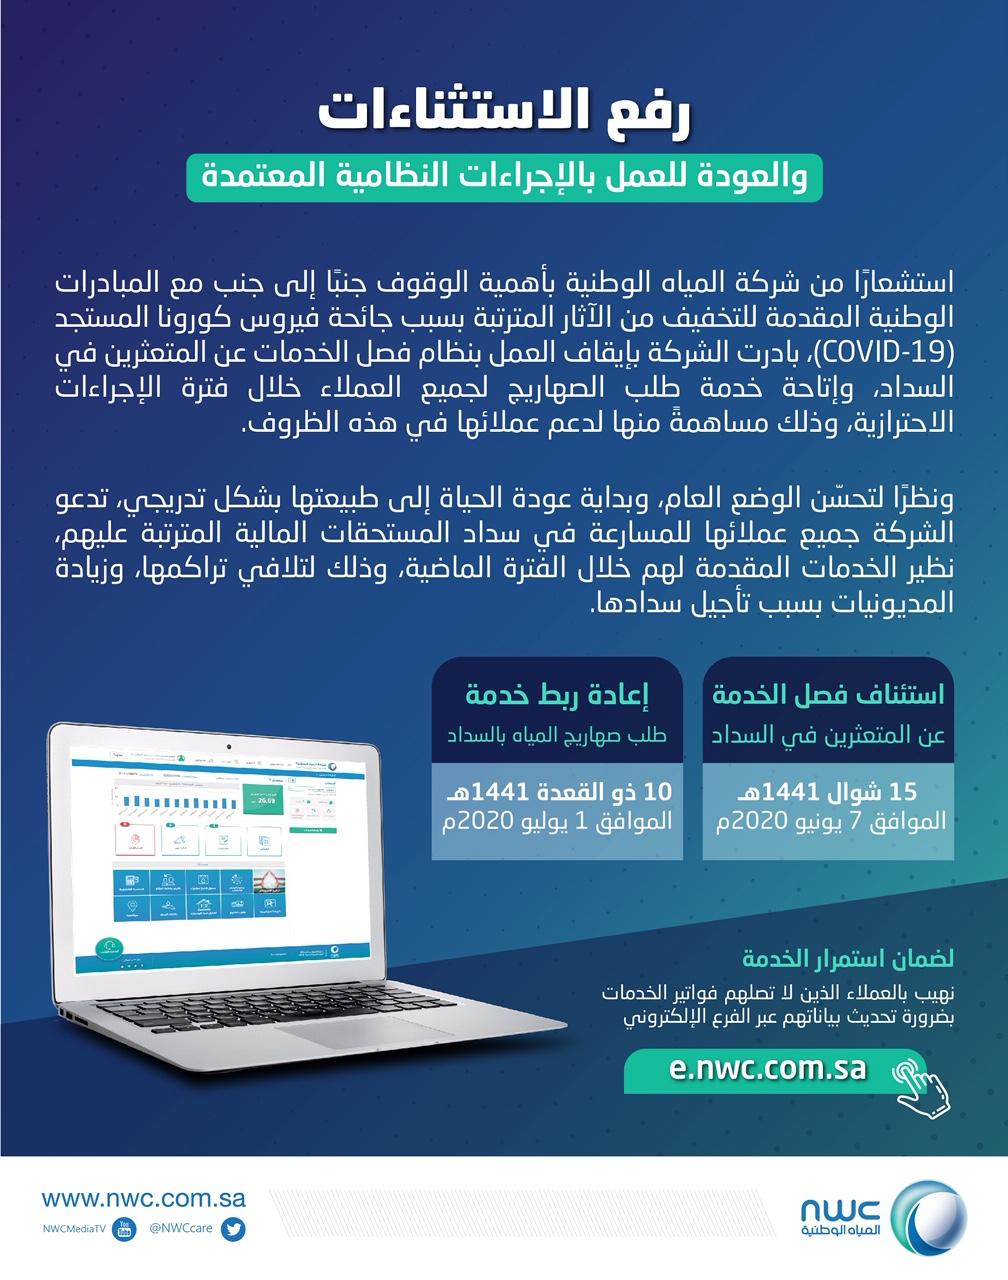 شركة المياه السعودية تعلن عن آخر موعد لسداد الفواتير ...